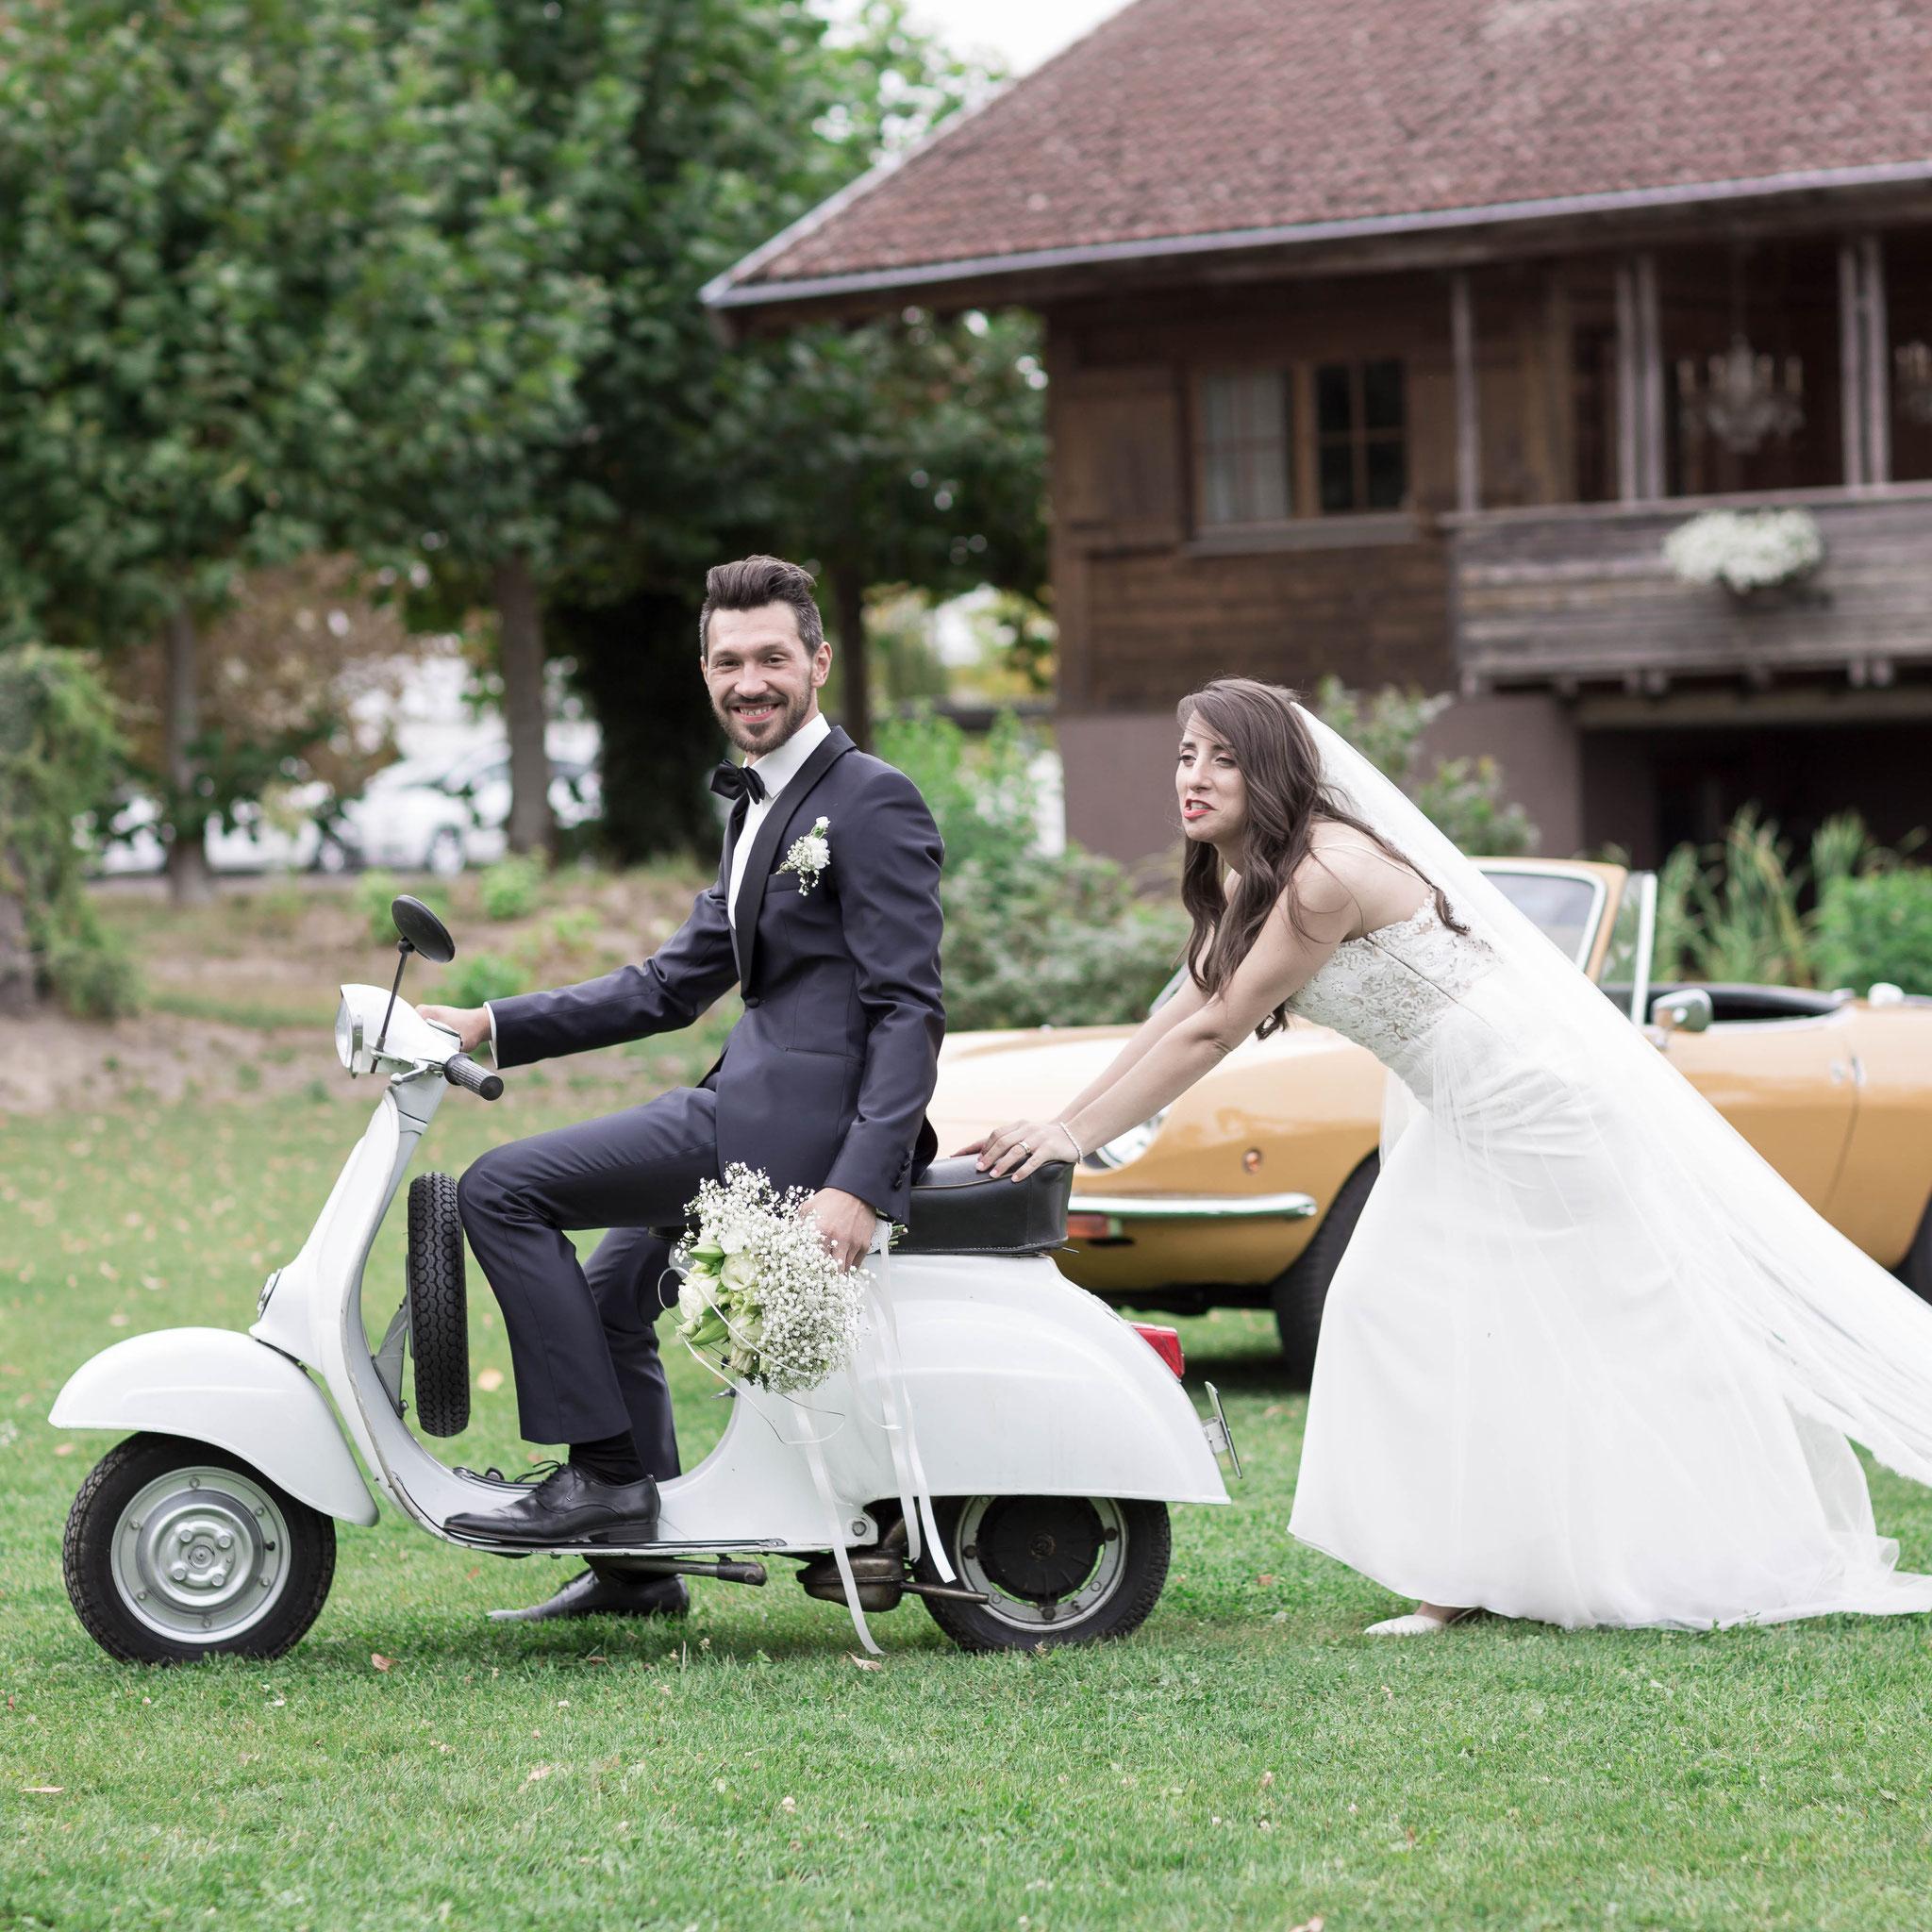 Fotograf für moderne russische Hochzeit in Duisburg